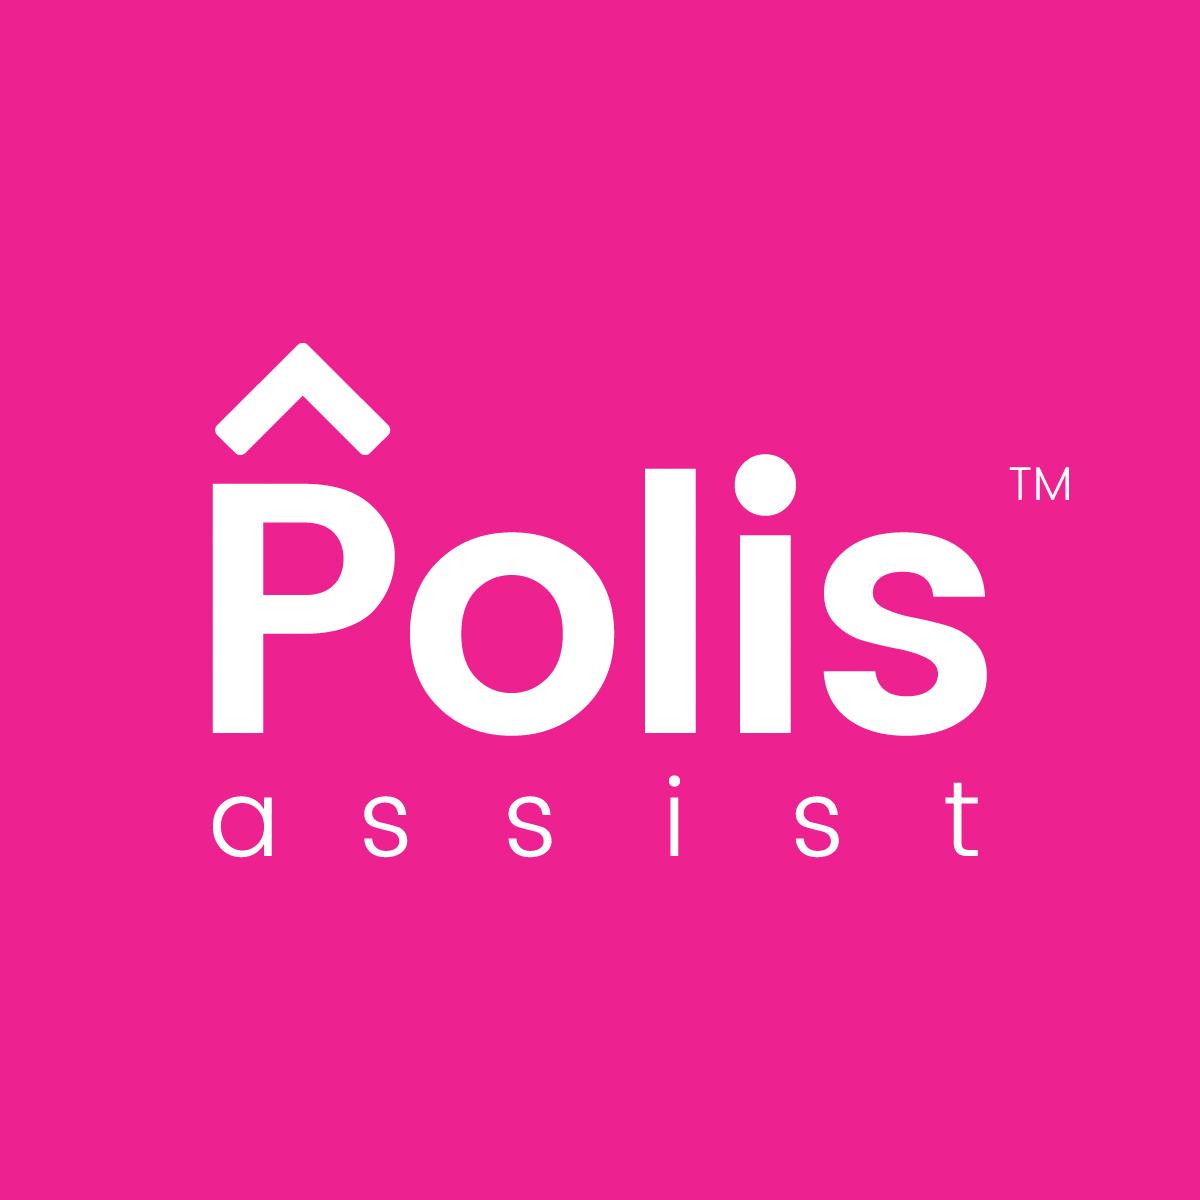 polis_assist